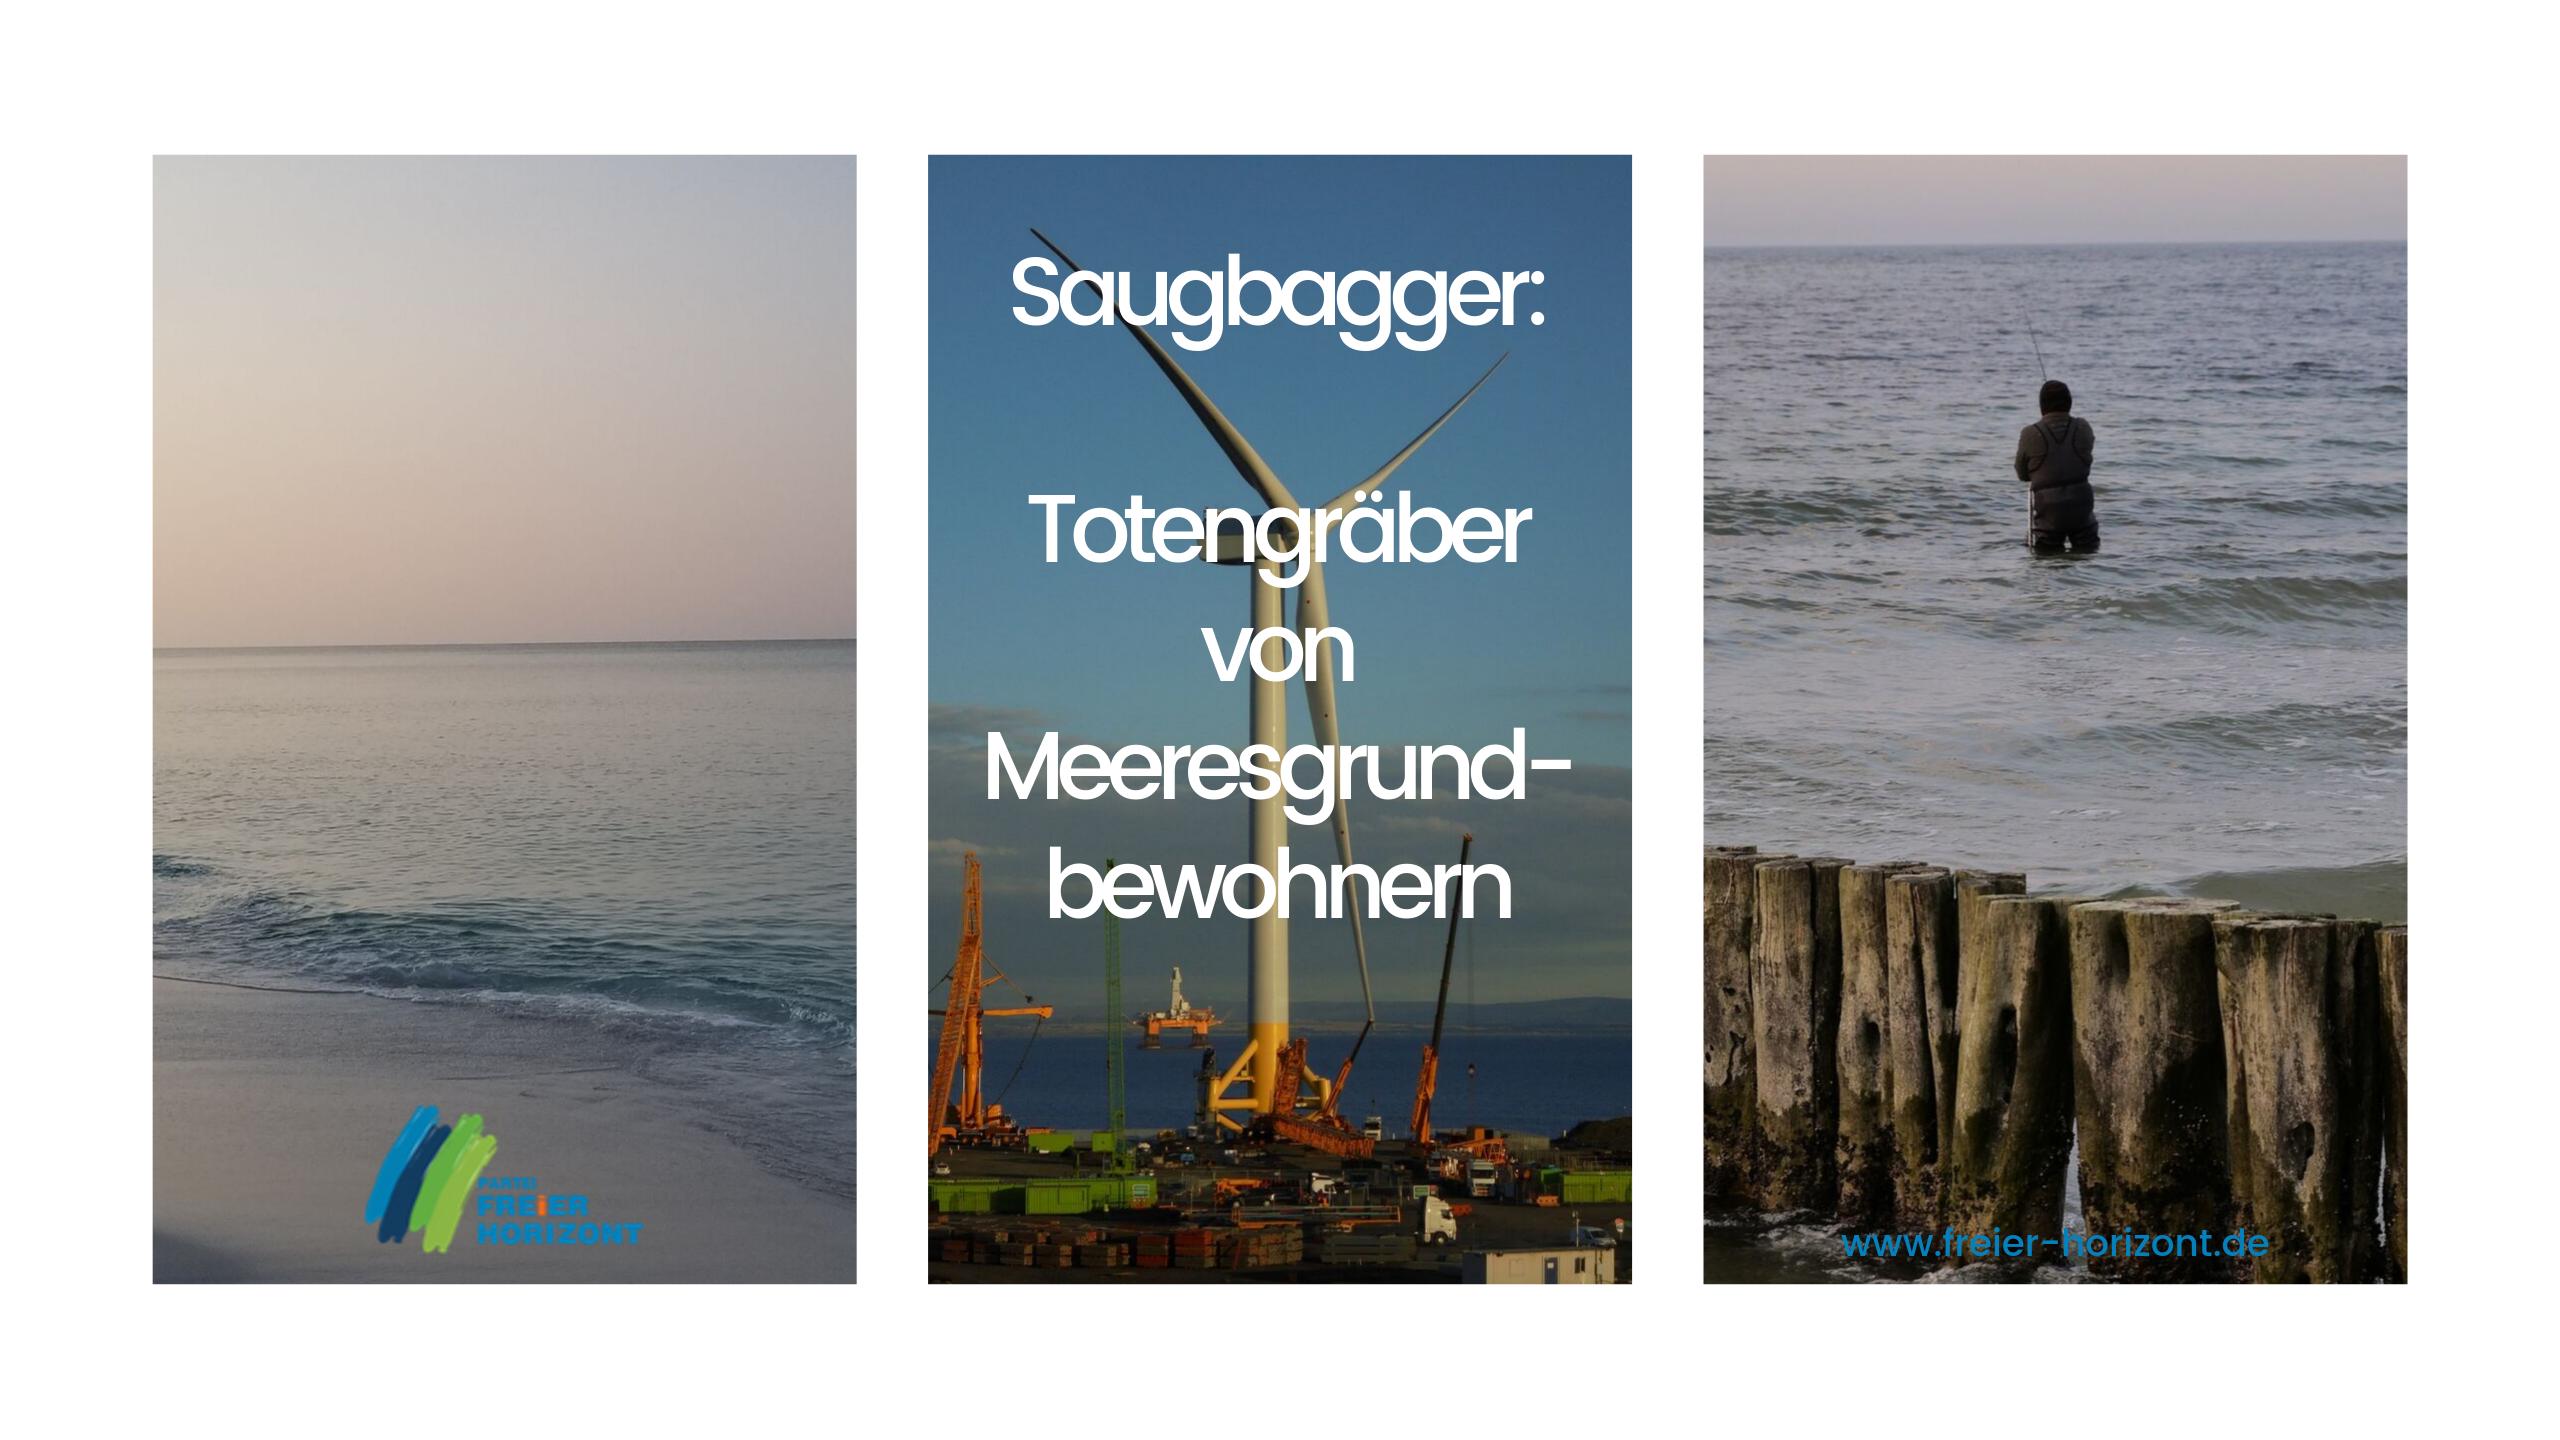 Freier Horizont - Offshore-Windparks Naturschäden -Saugbagger - Totengräber von Meeresgrundbewohnern